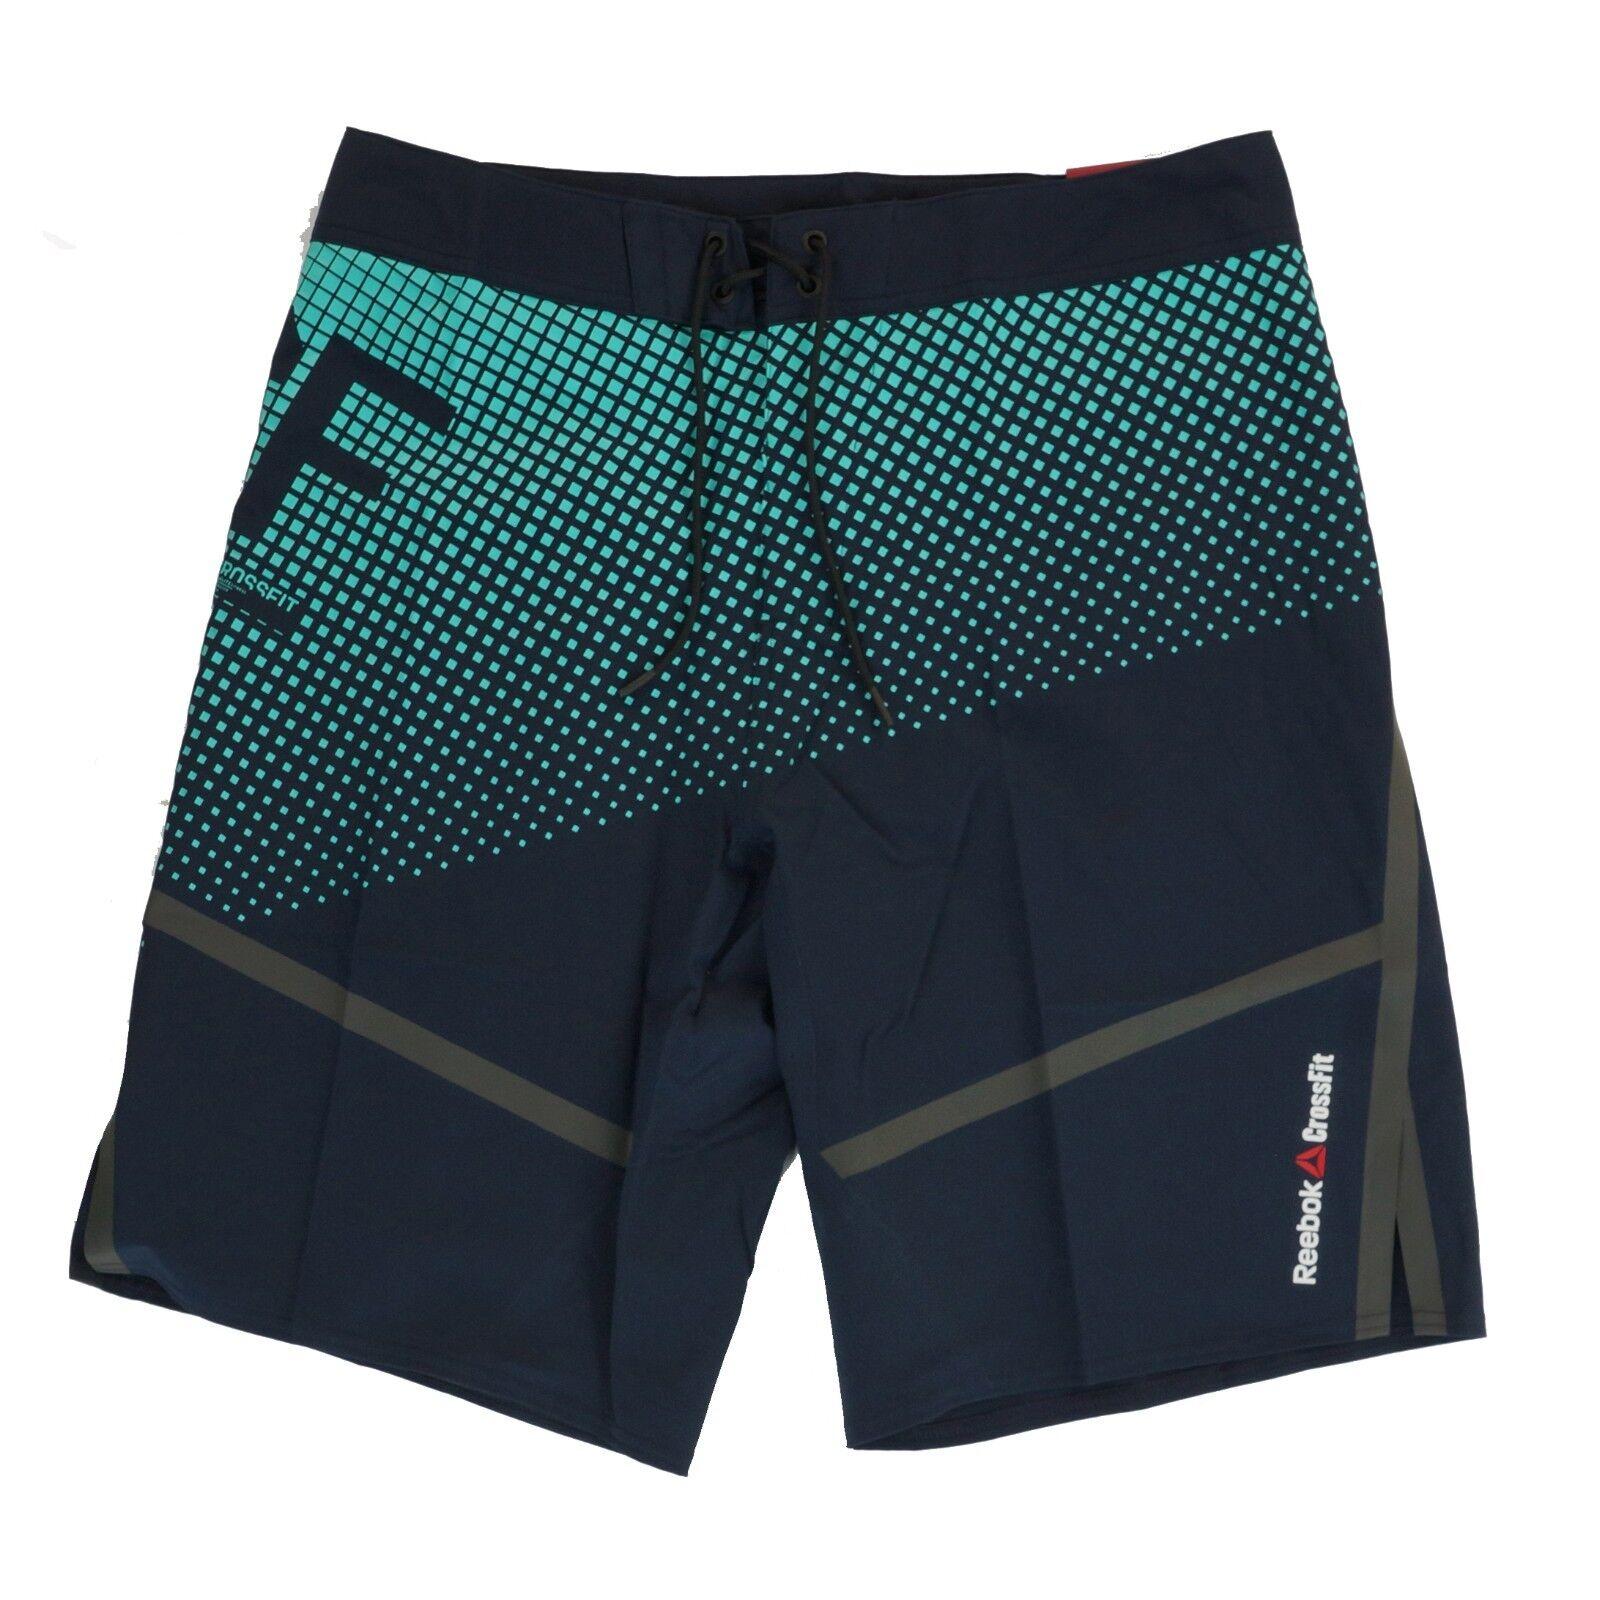 Reebok Men's CrossFit Intensify ii Training (Navy bluee) Shorts Z90423